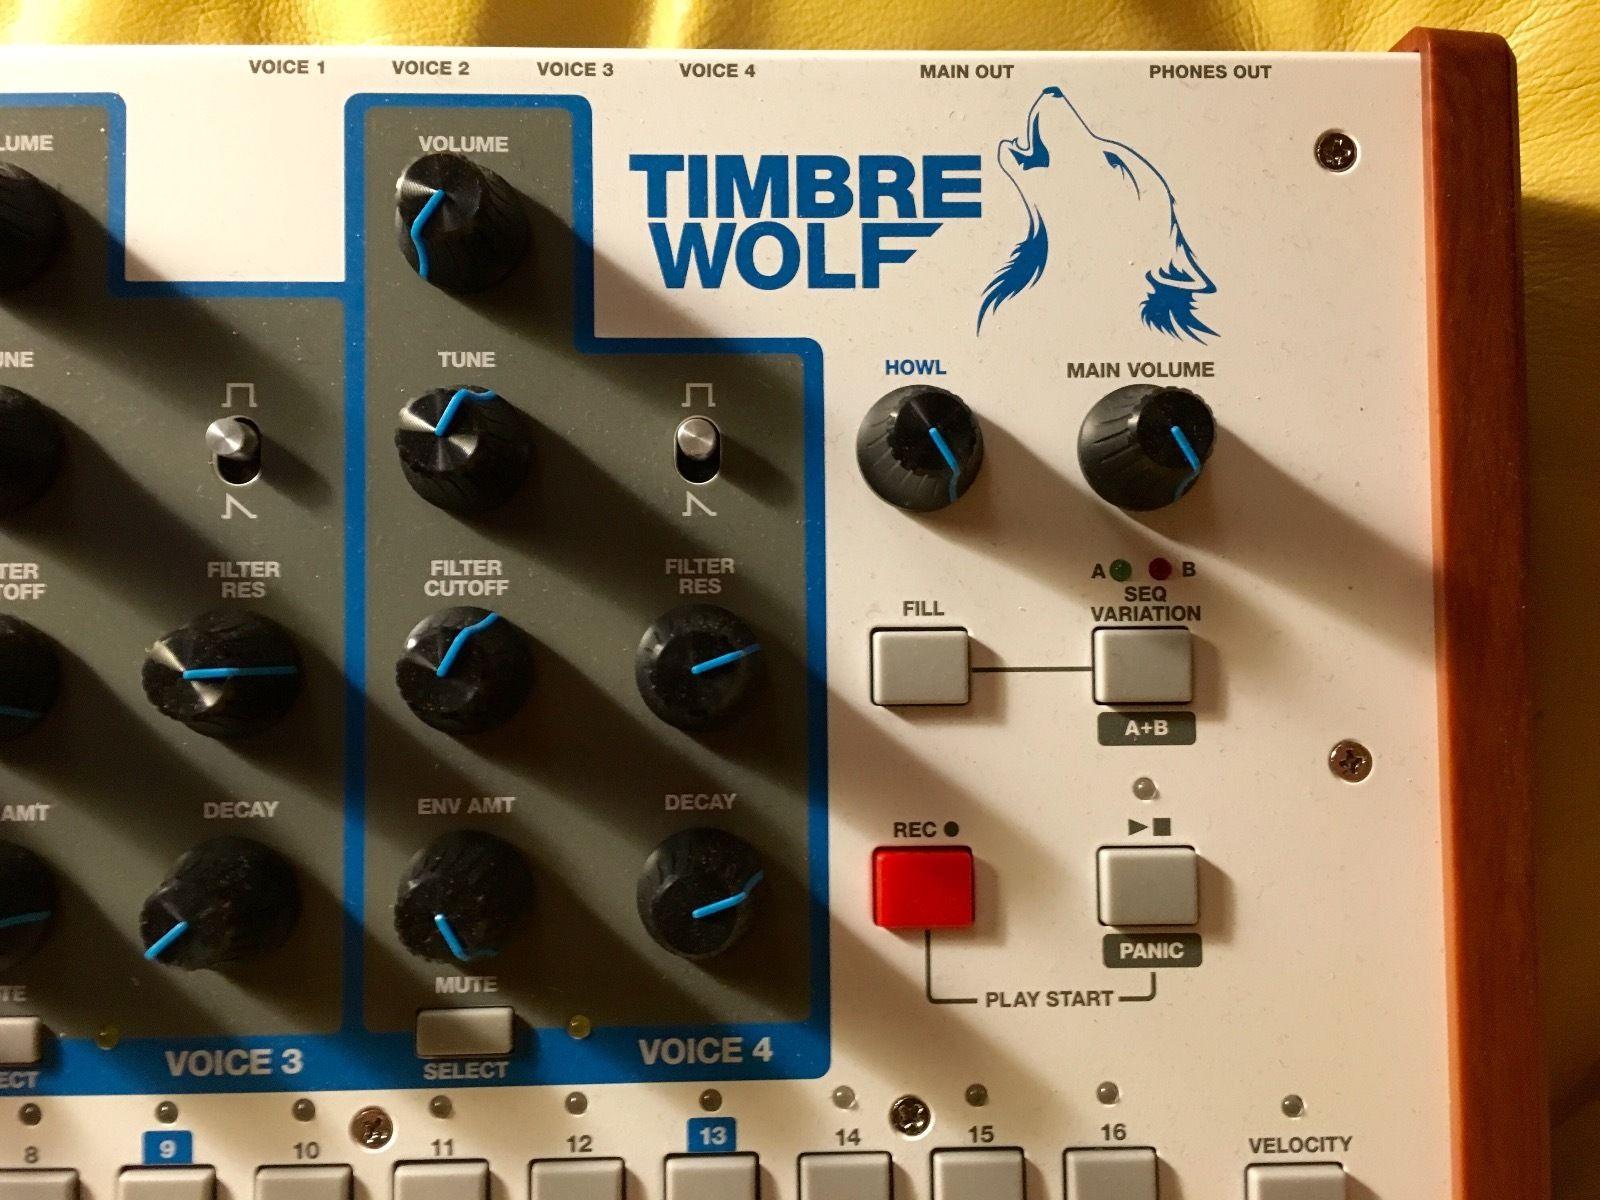 MATRIXSYNTH: Akai Timber Wolf analog synth